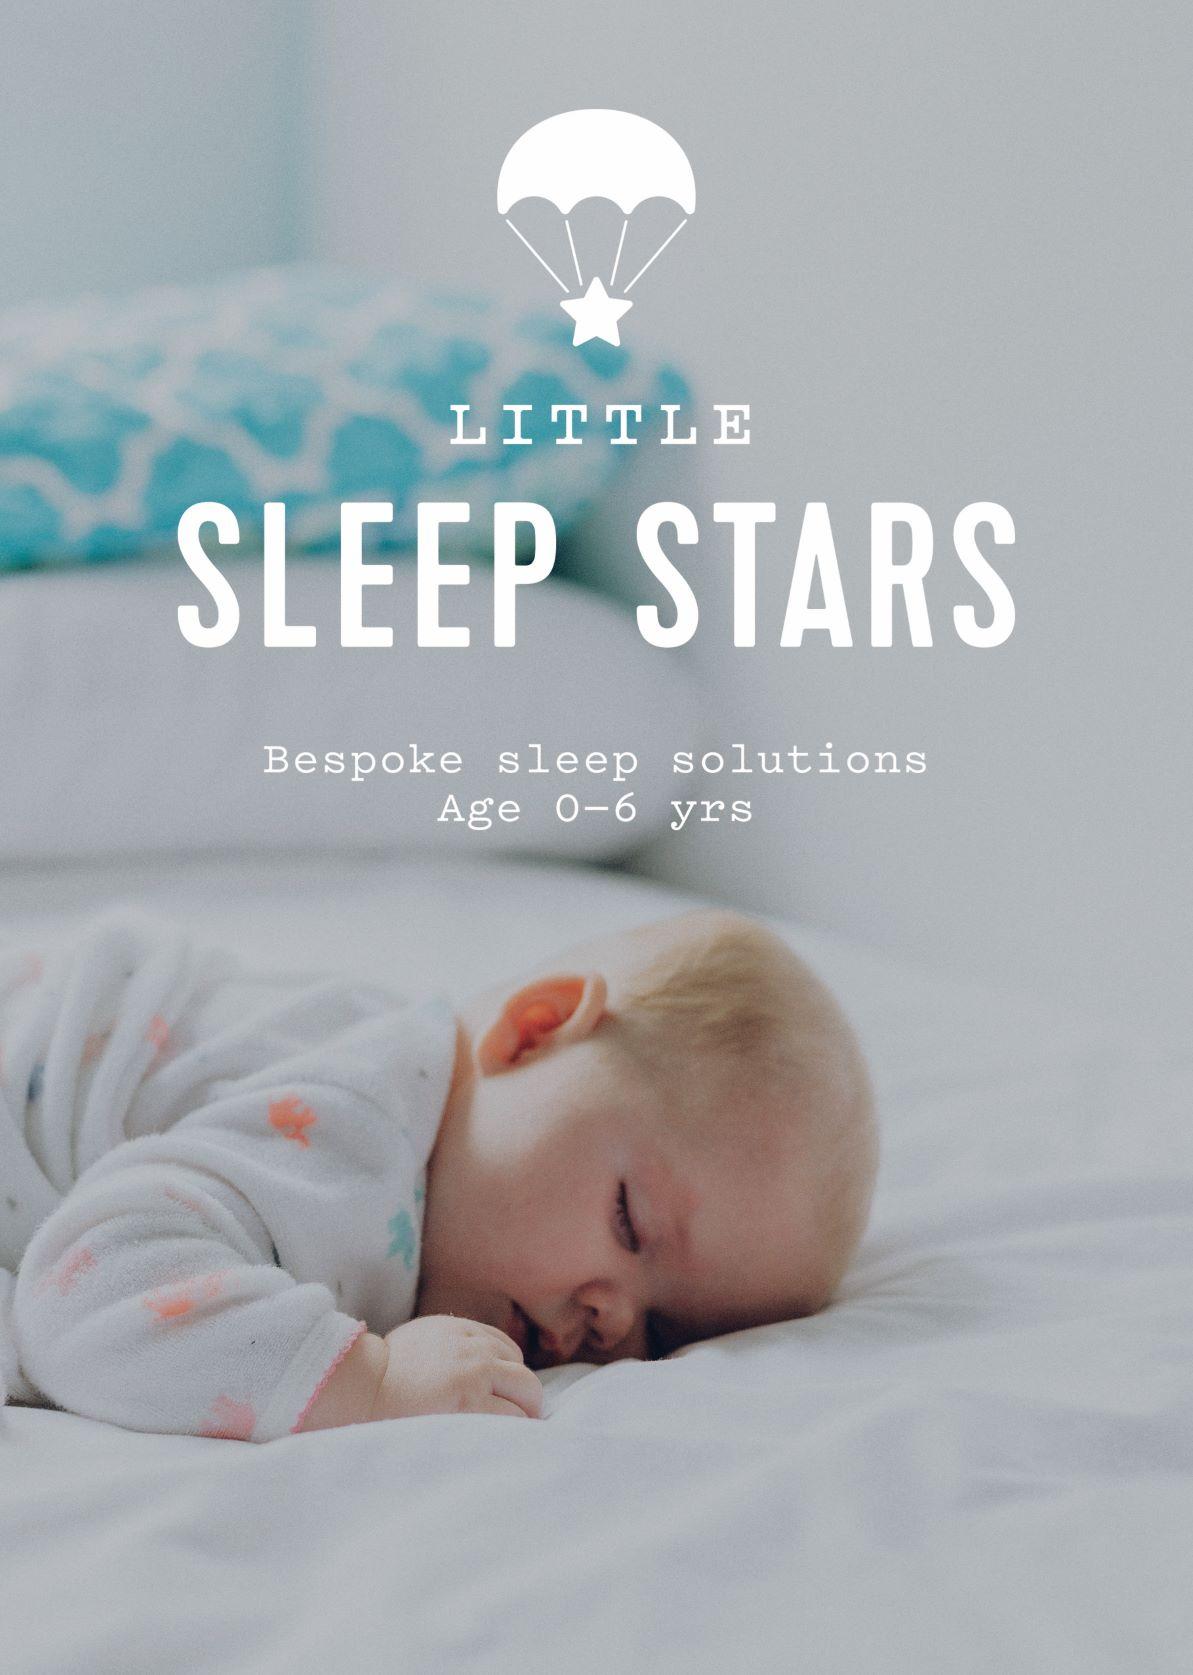 Little Sleep Stars